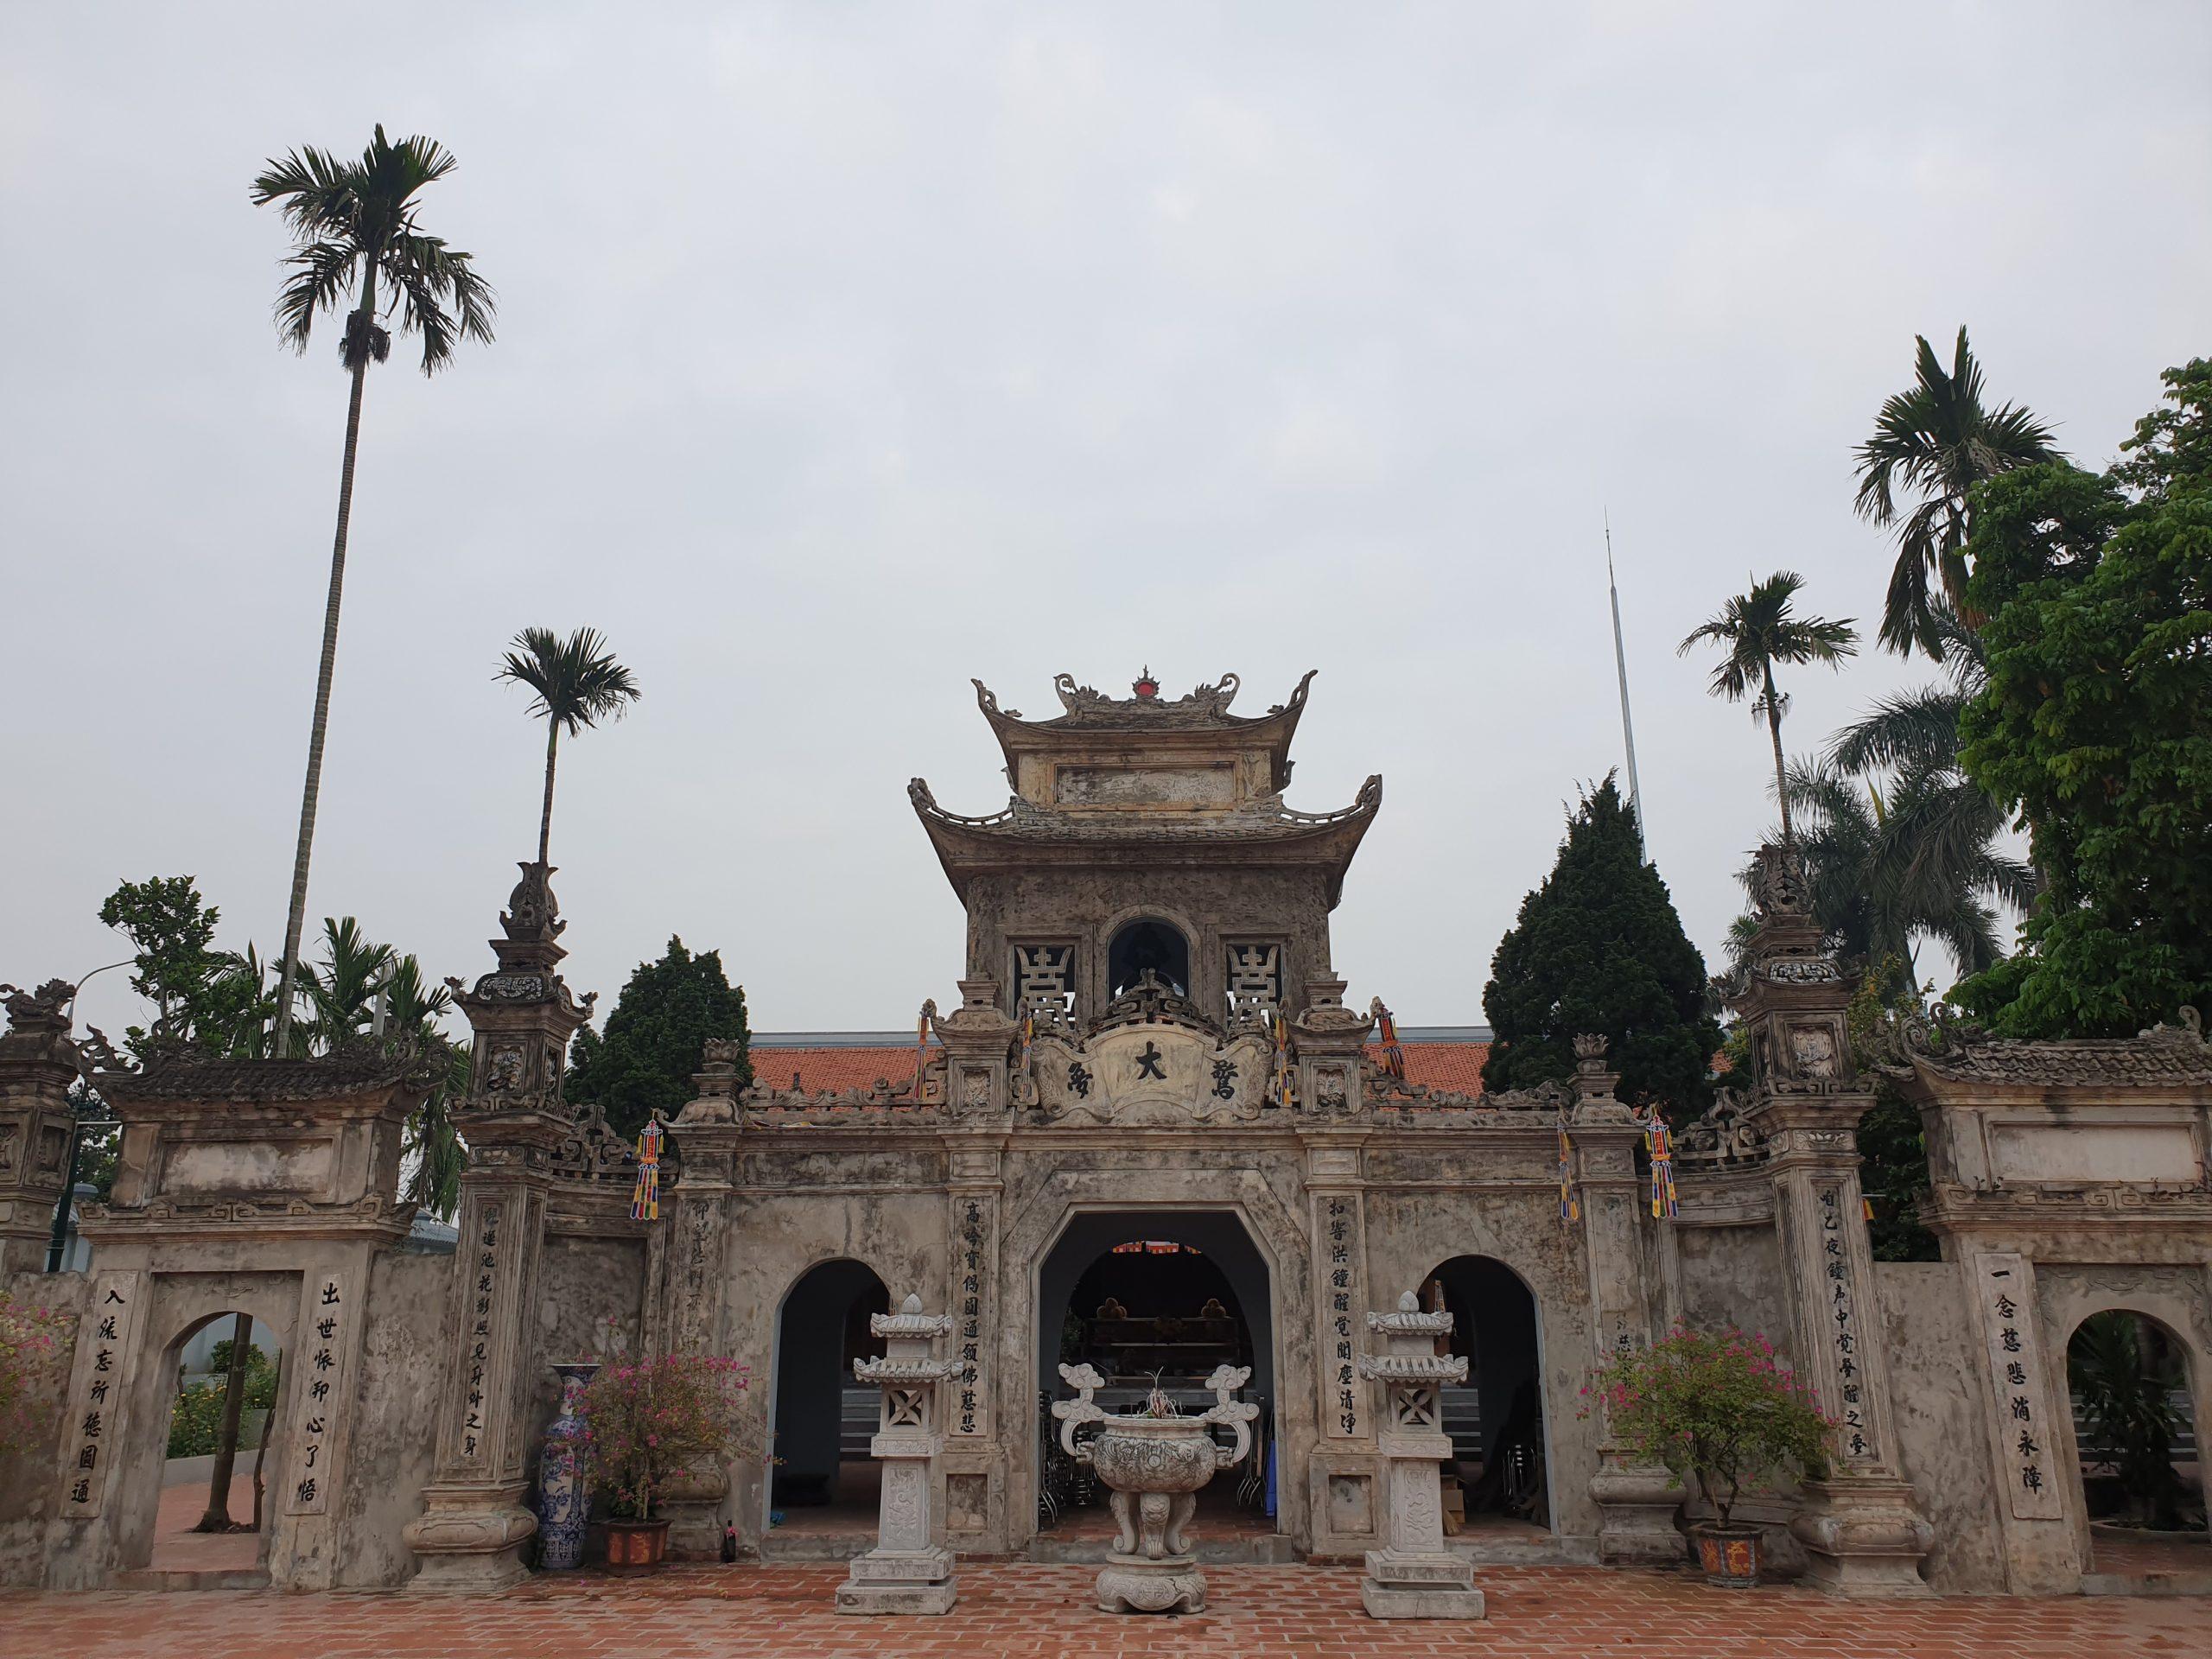 Chùa Thổ Khối (Long Biên, Hà Nội)